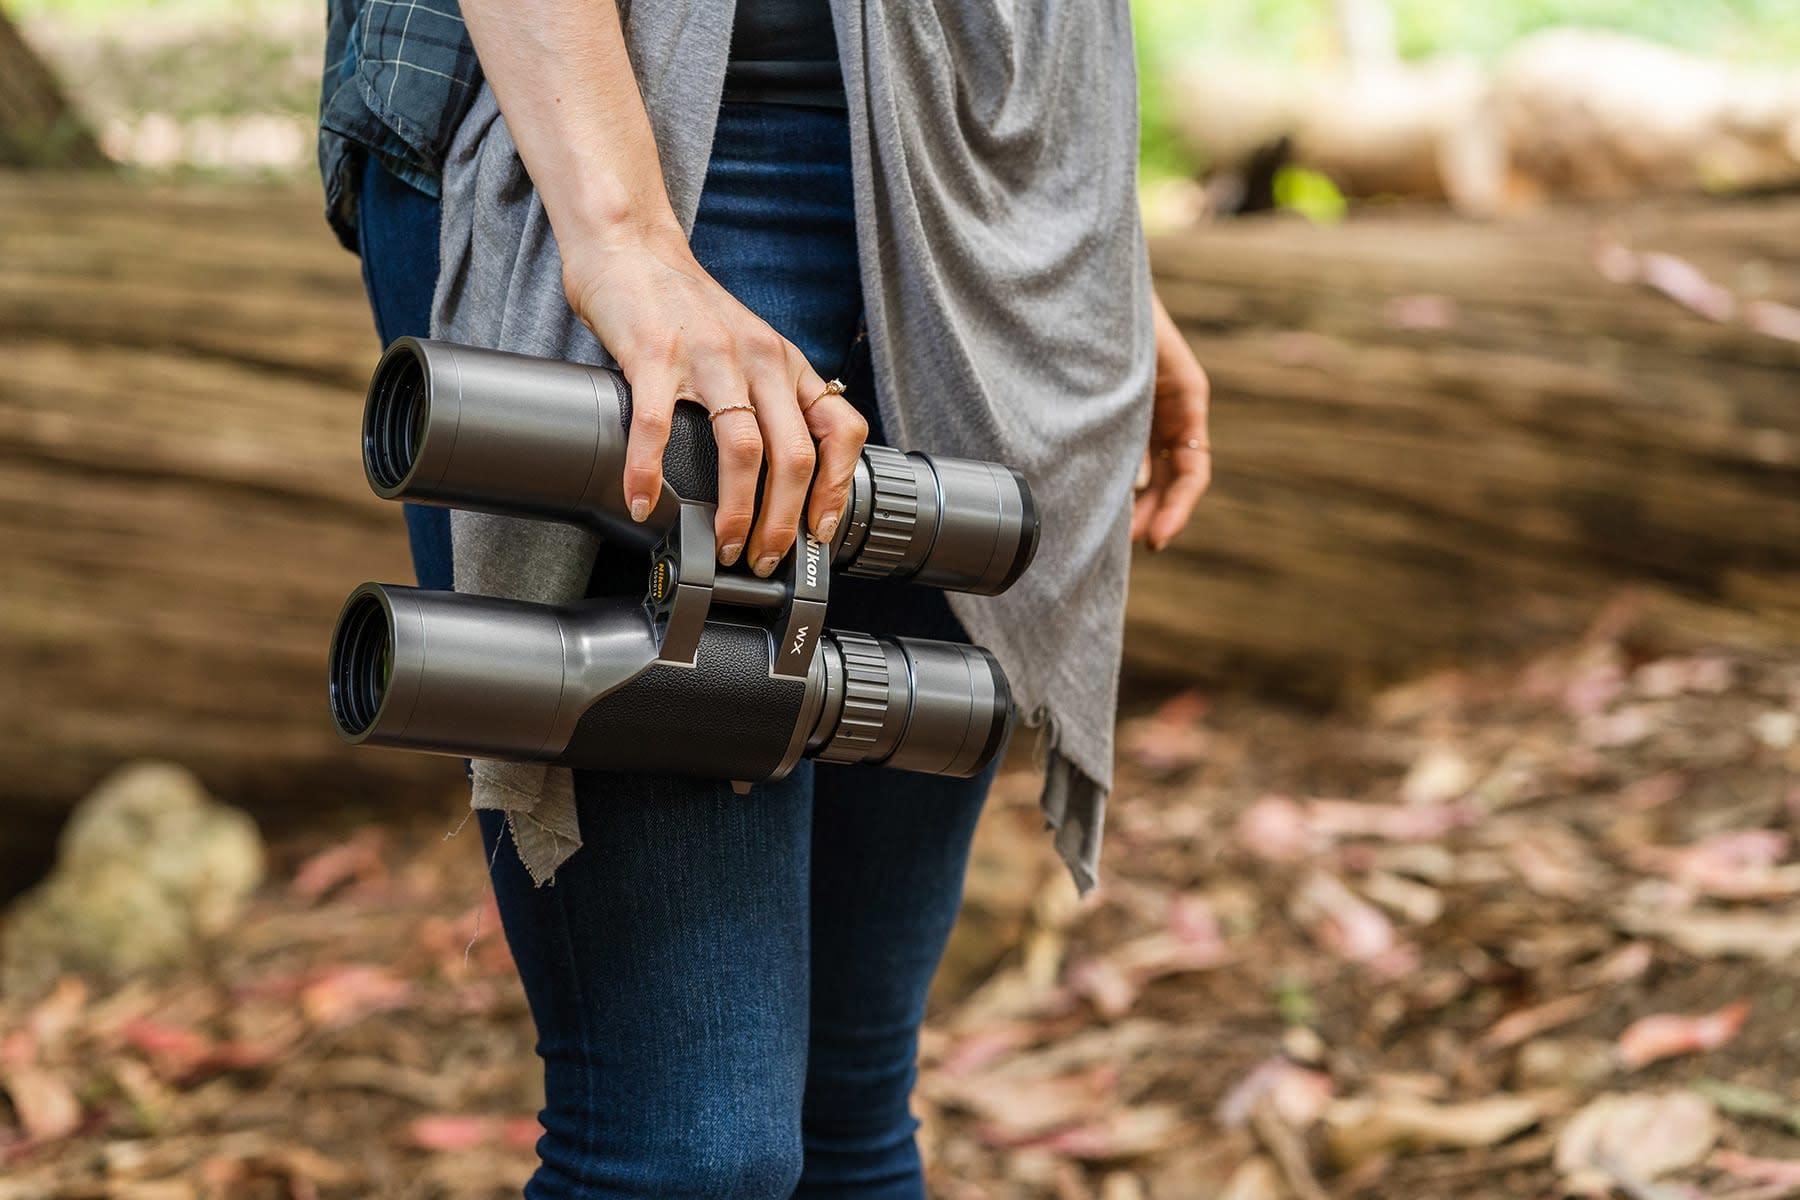 Engadget'ın bu yaz ihtiyacınız olan tüm dış mekan ekipmanlarına yönelik kılavuzu | Engadget